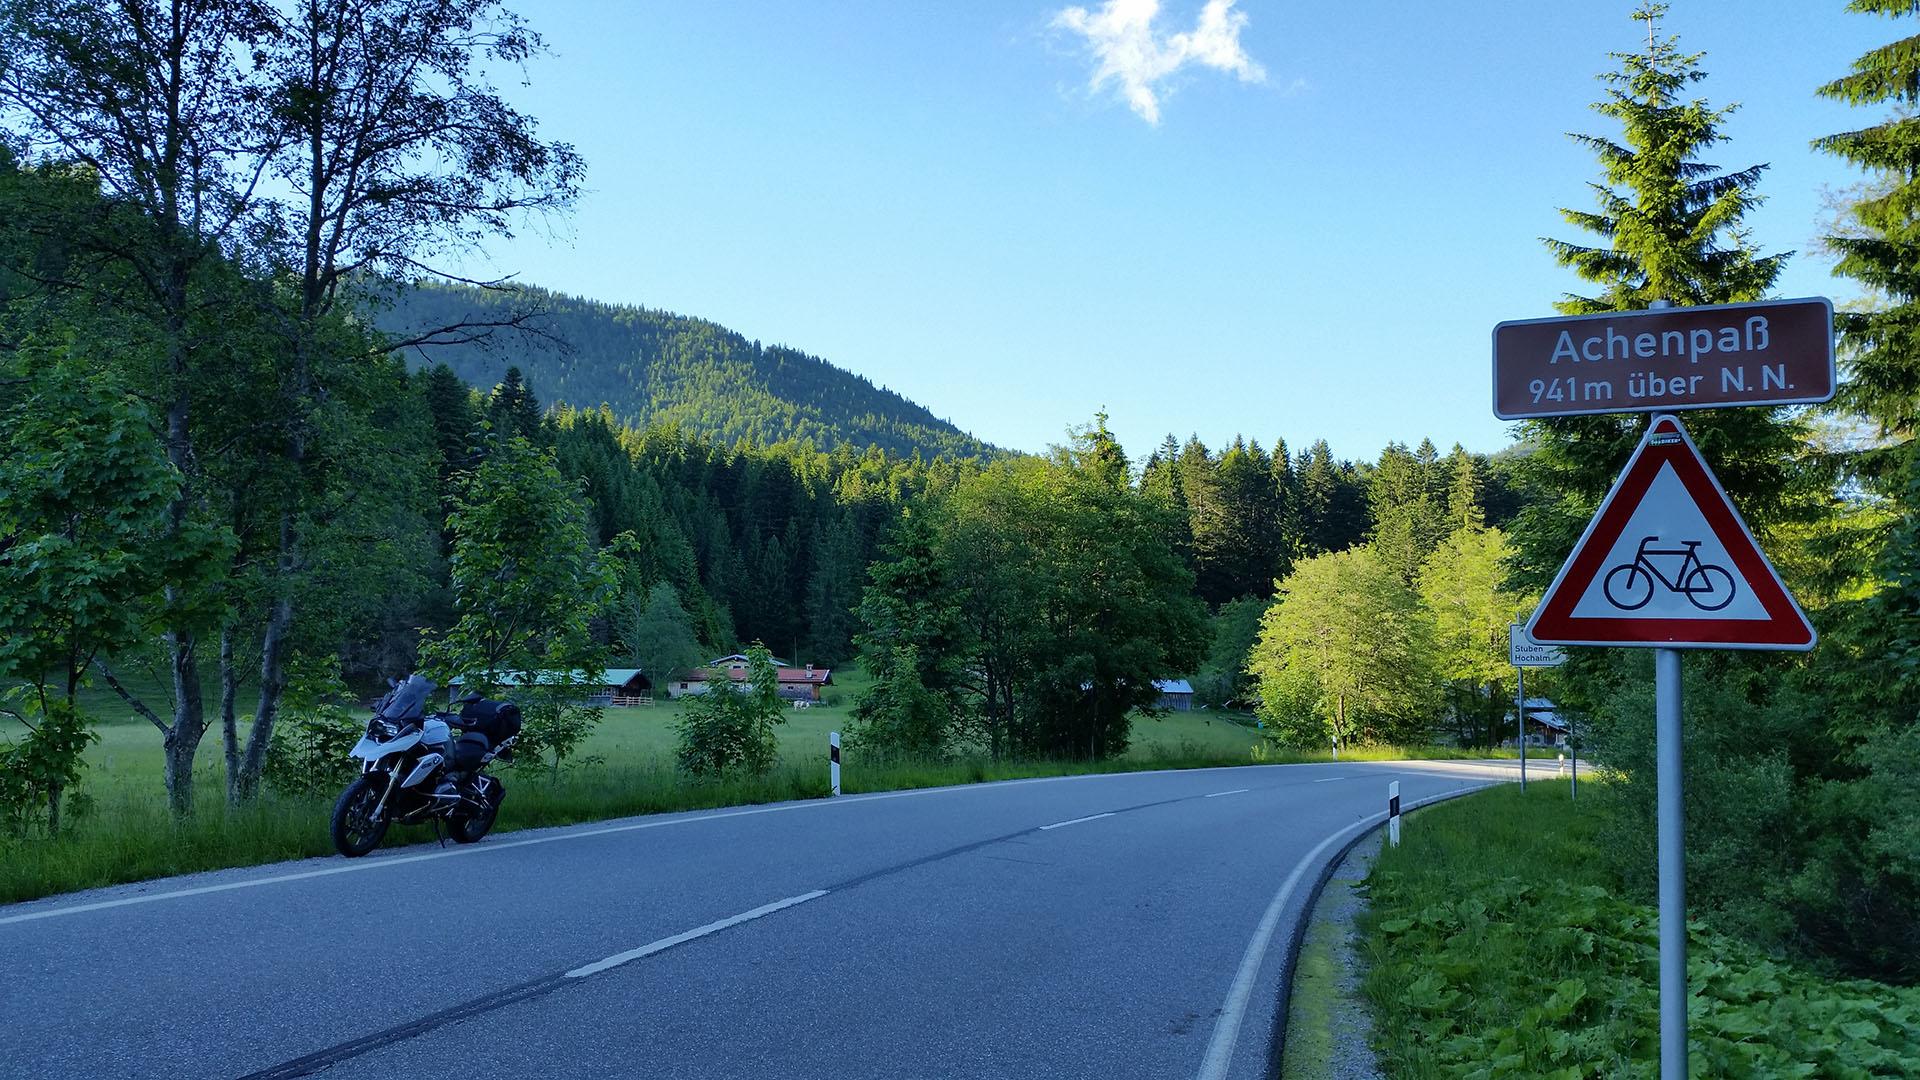 0941 - A-D - Achen-Pass